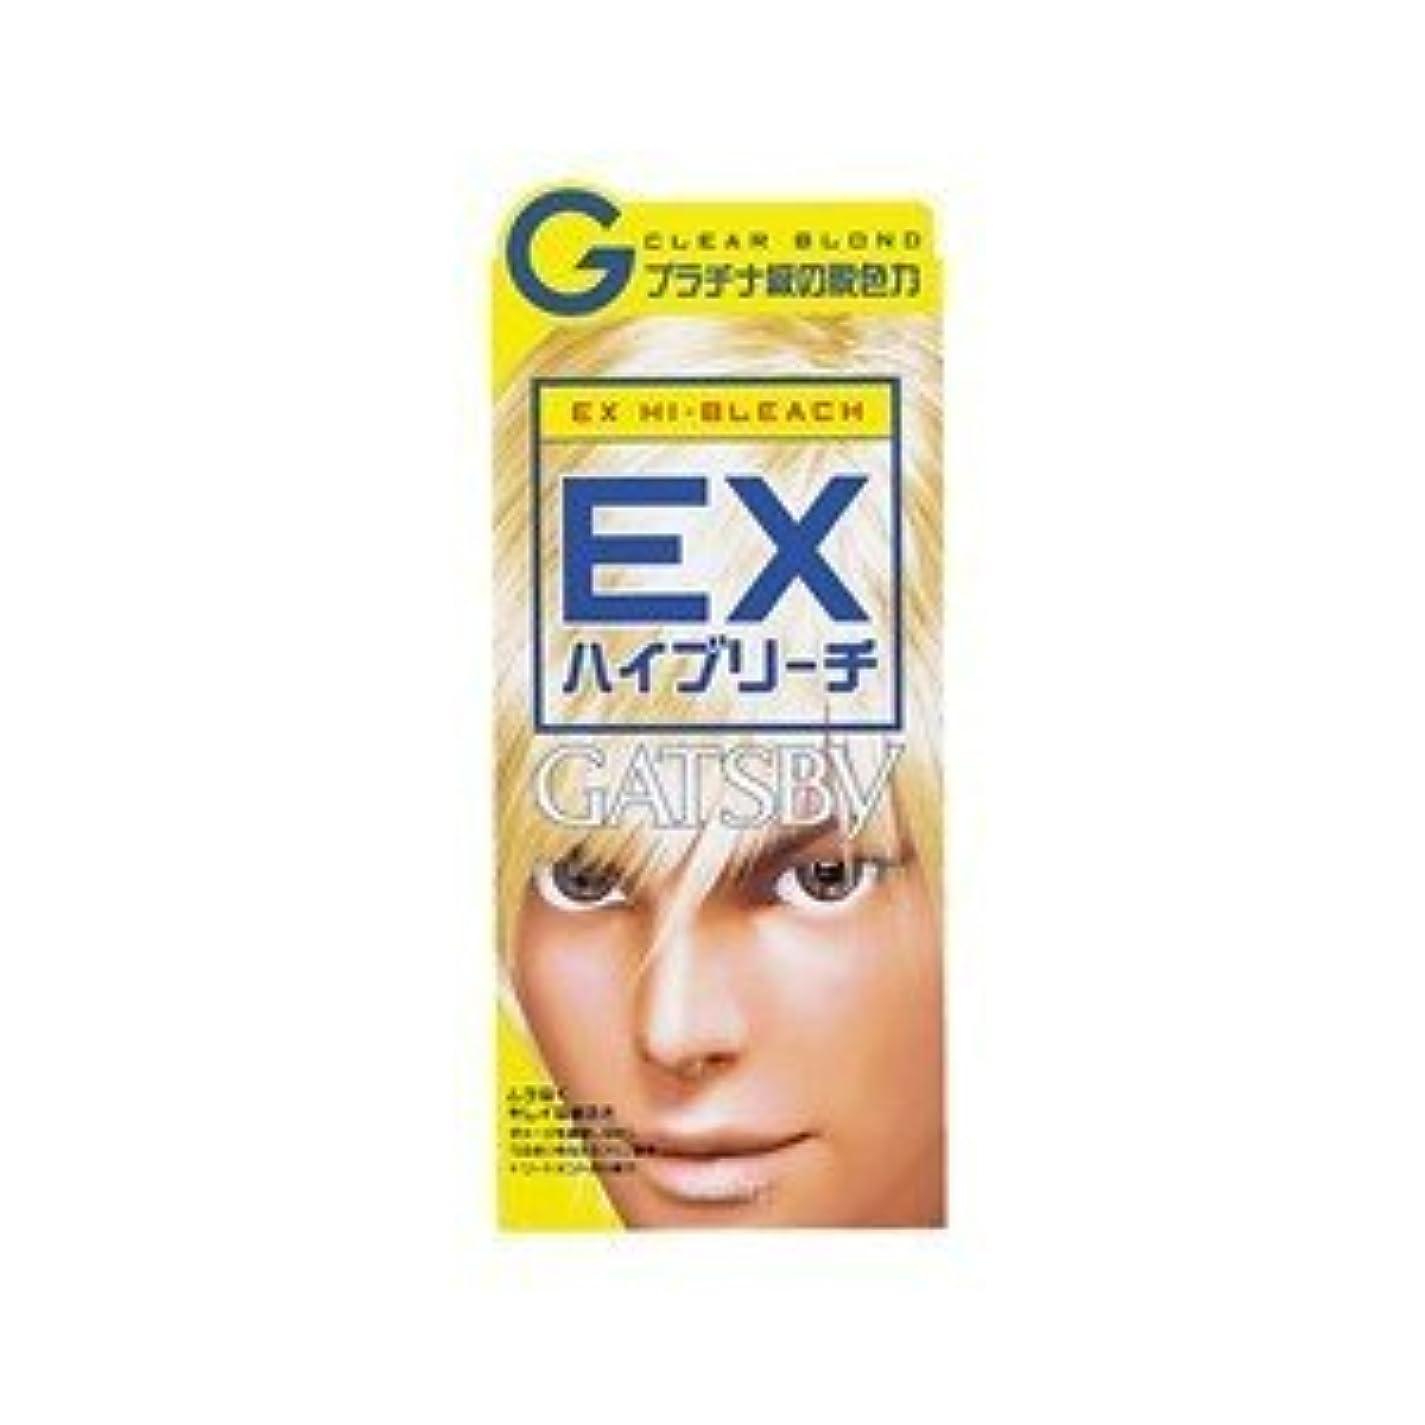 動詞条件付き動詞ギャツビー【GATSBY】EXハイブリーチ(医薬部外品)